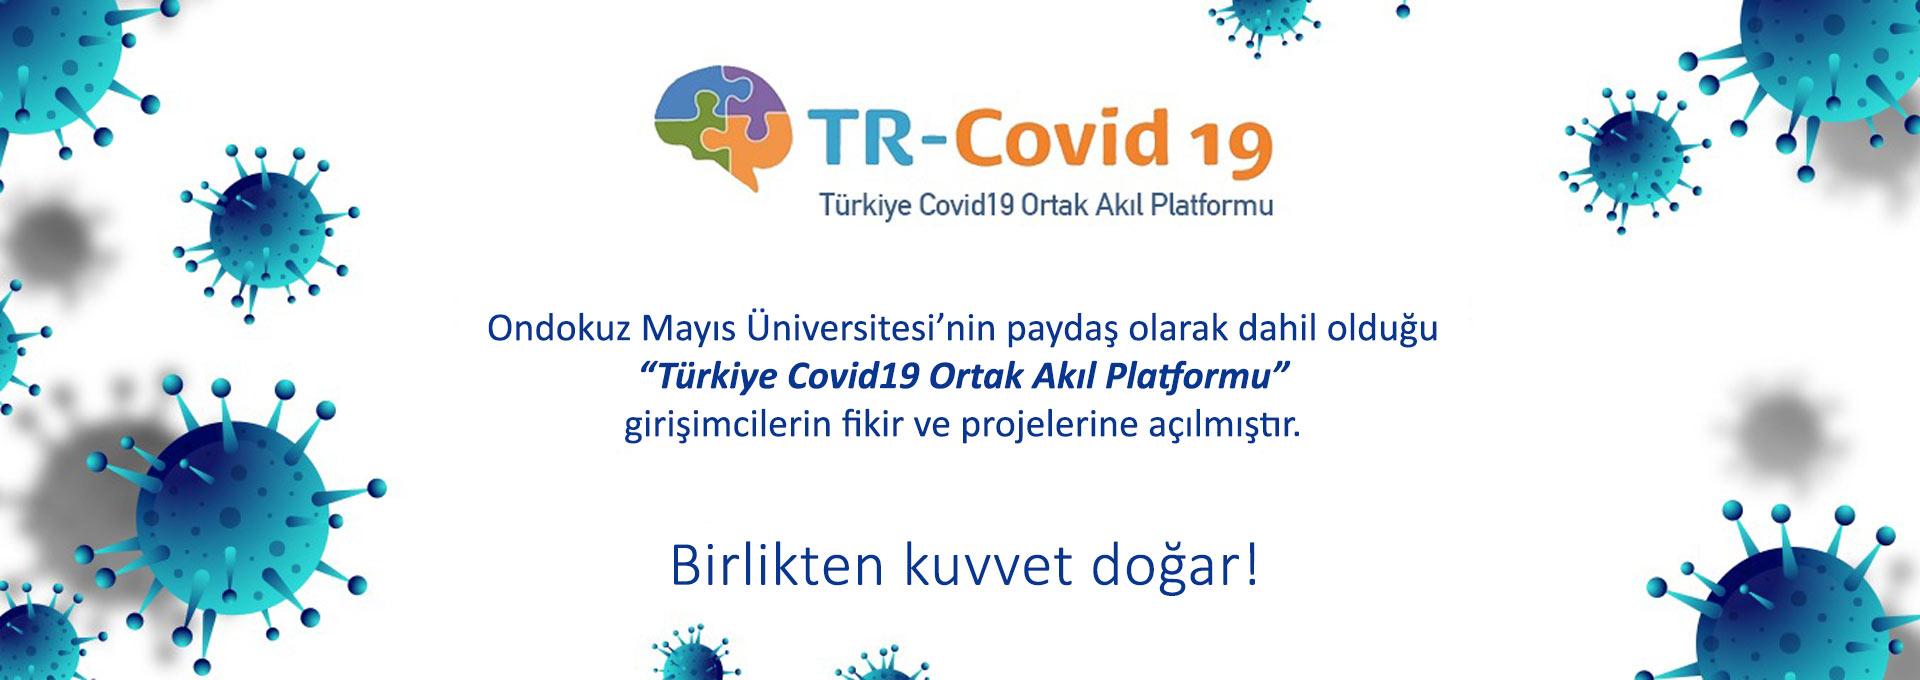 Girişimcilere Destek için Türkiye Covid-19 Ortak Akıl Platformu Oluşturuldu